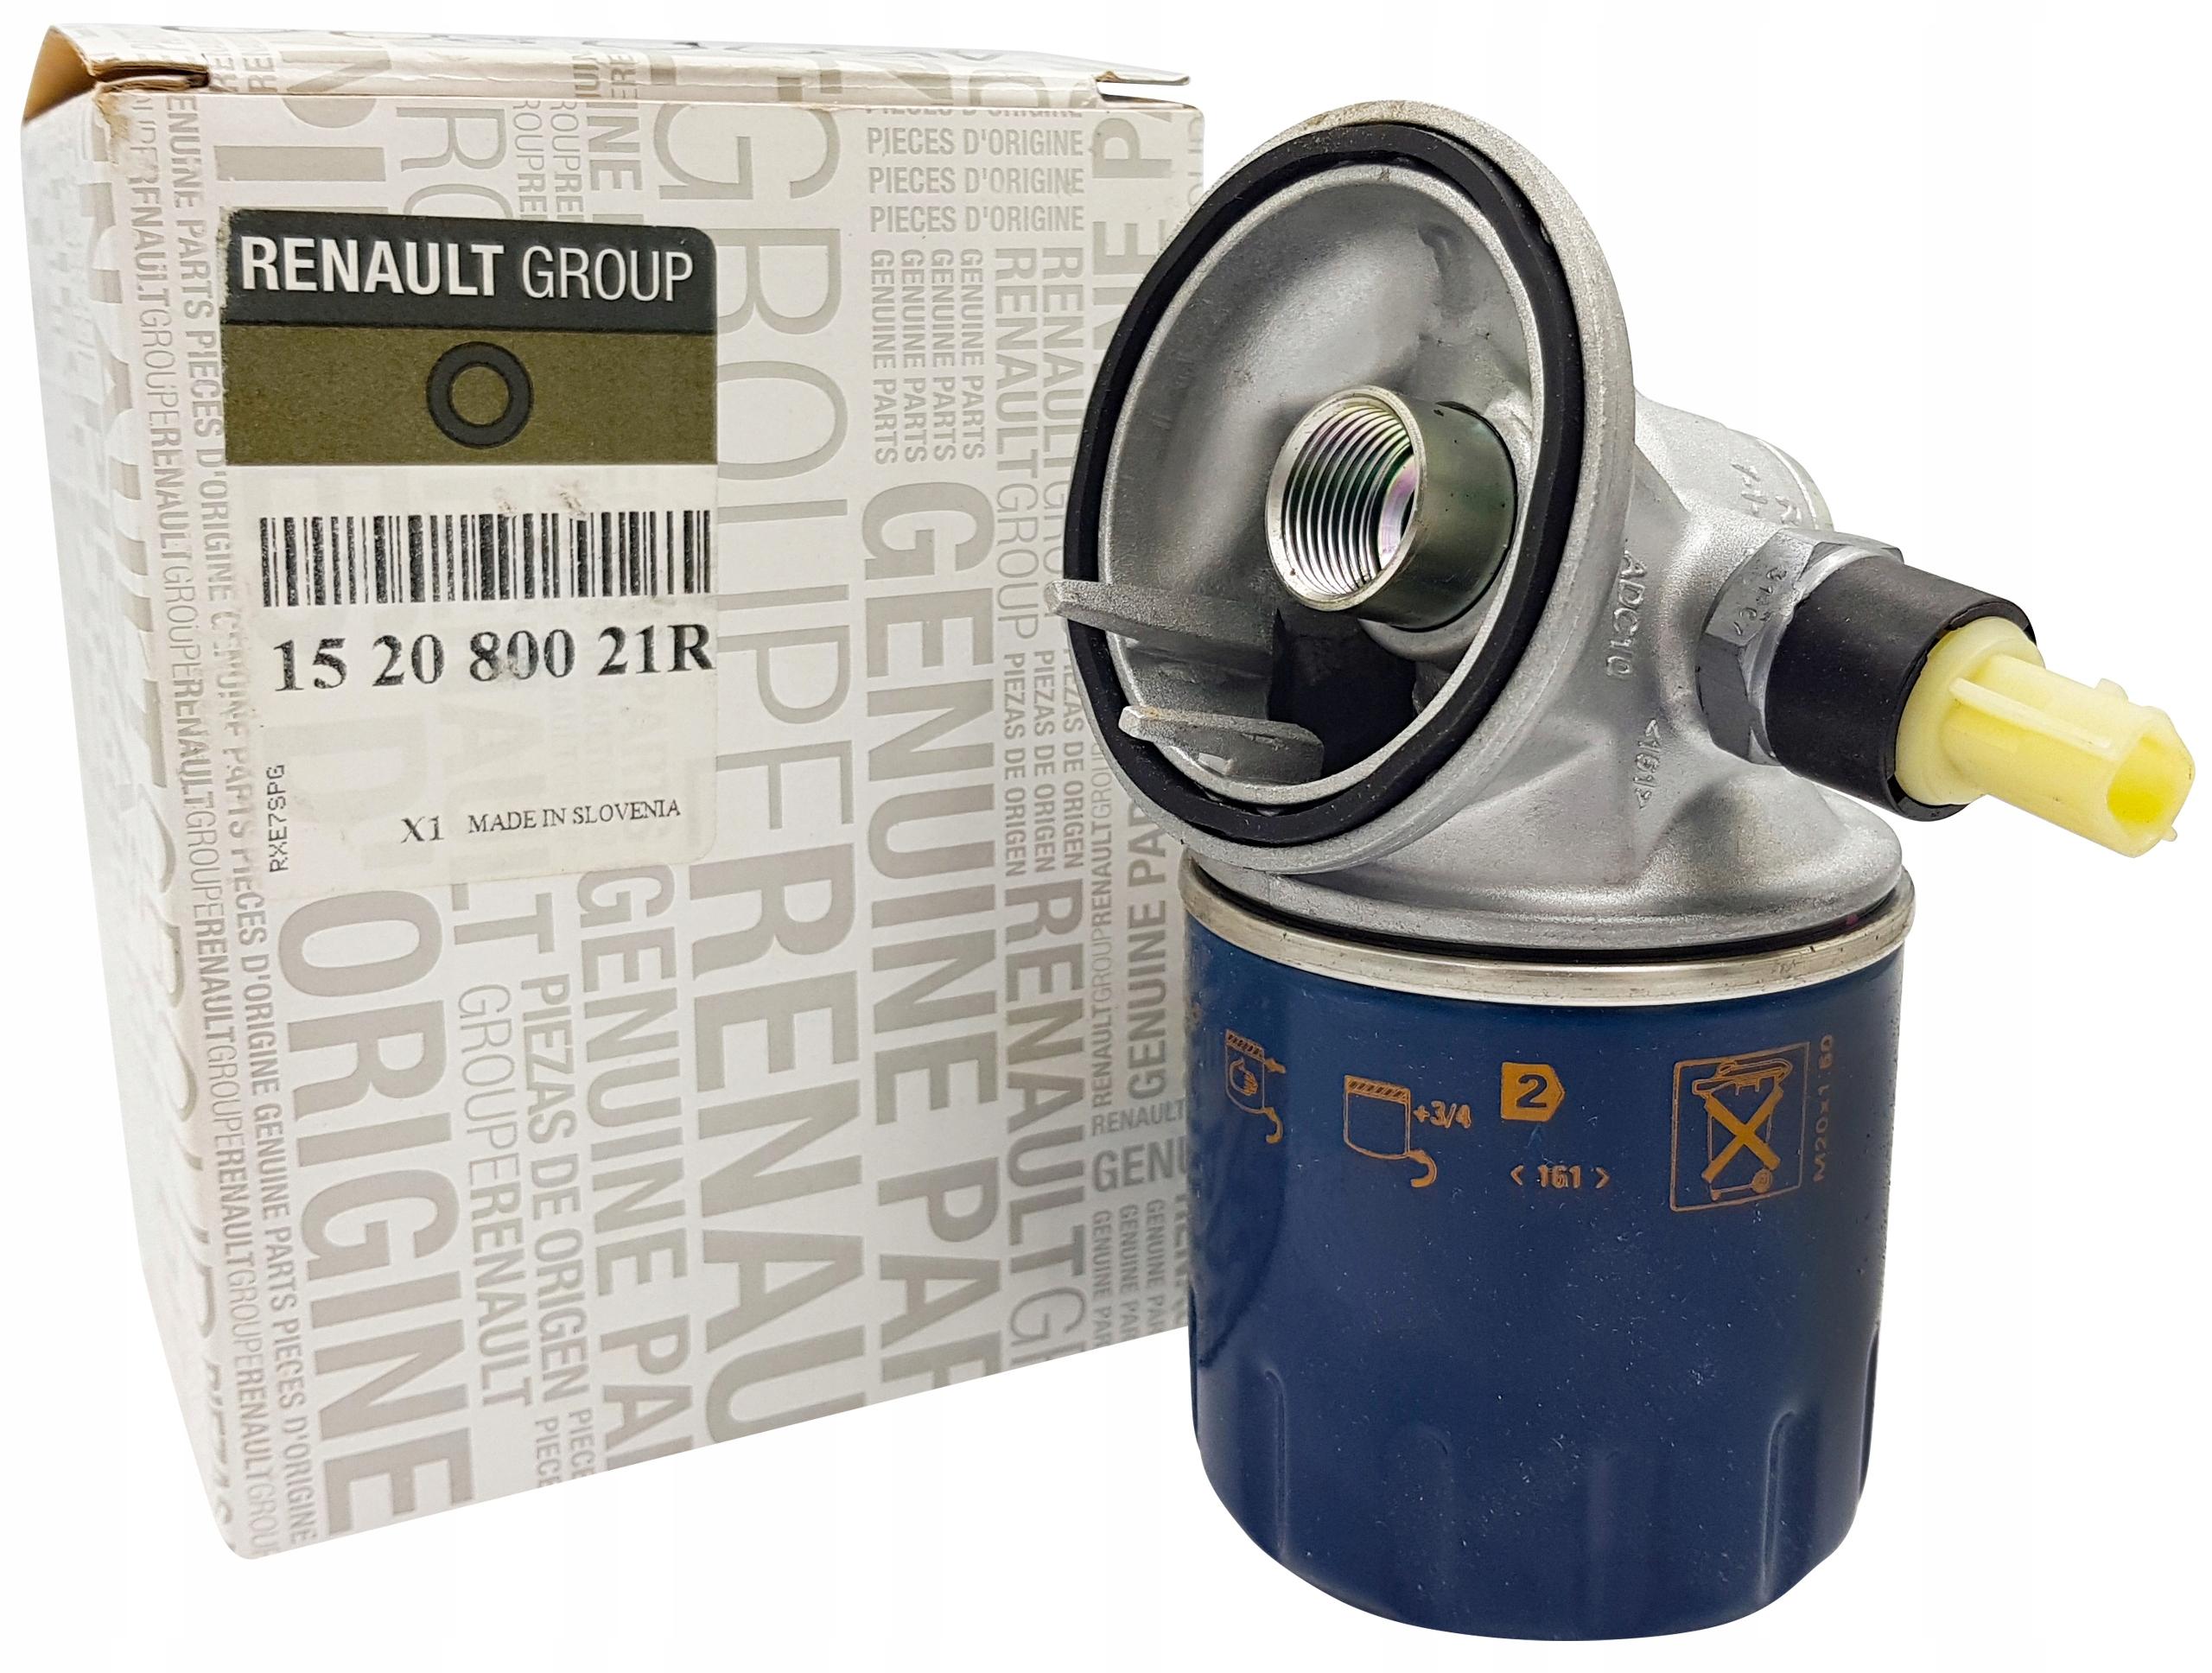 основа фильтра масла к renault clio iv 15dci